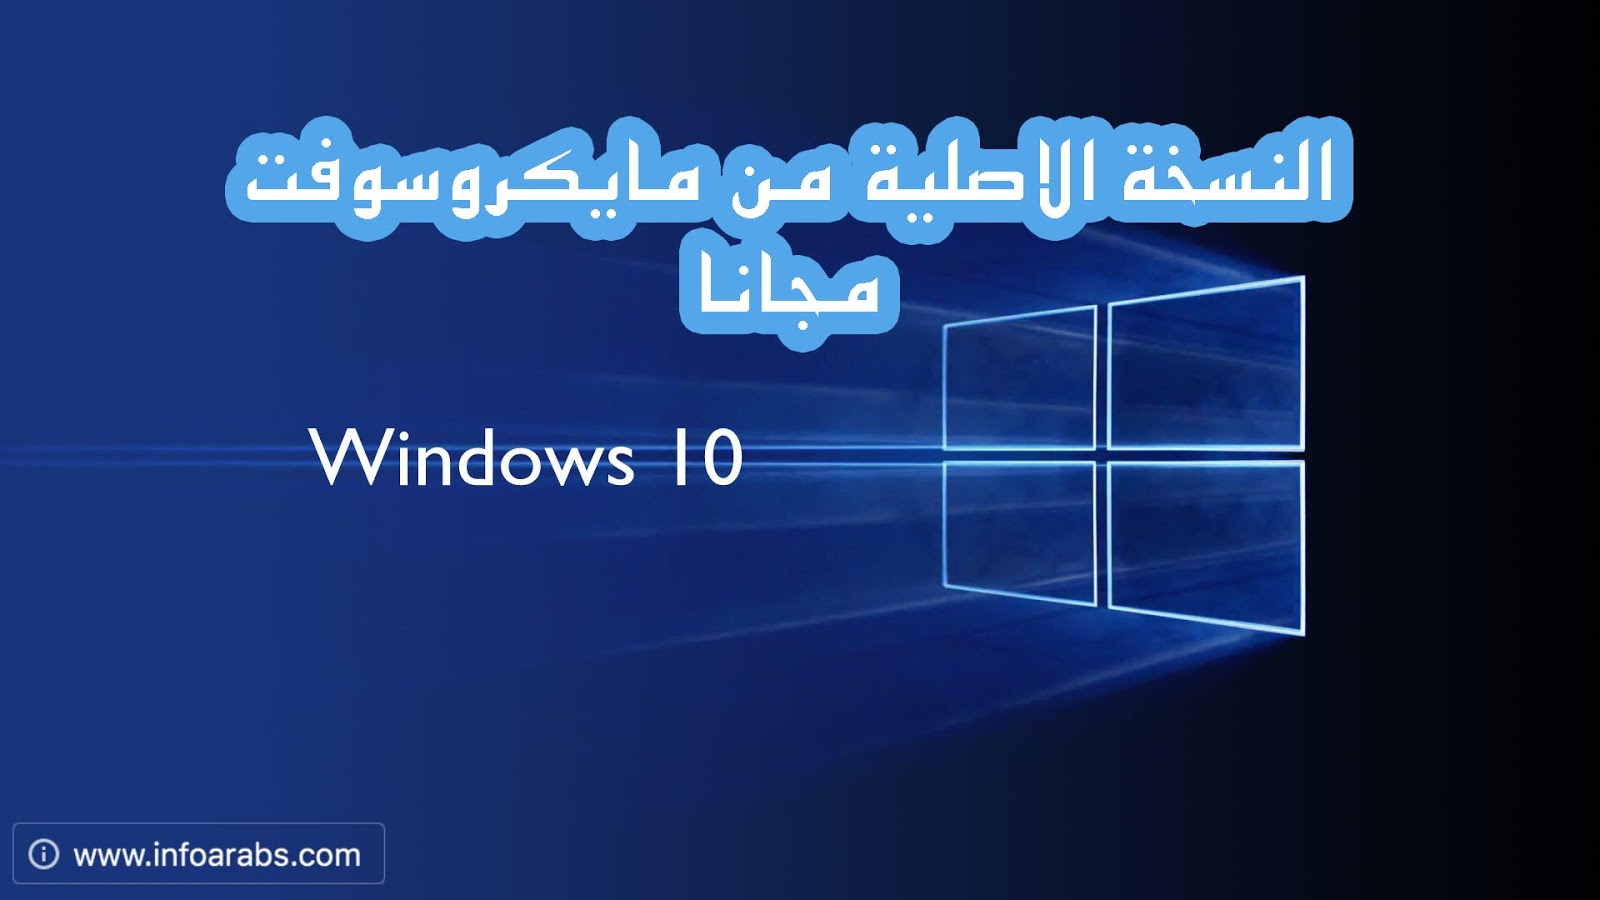 العاب ويندوز 7 الاصلية للتحميل مجانا